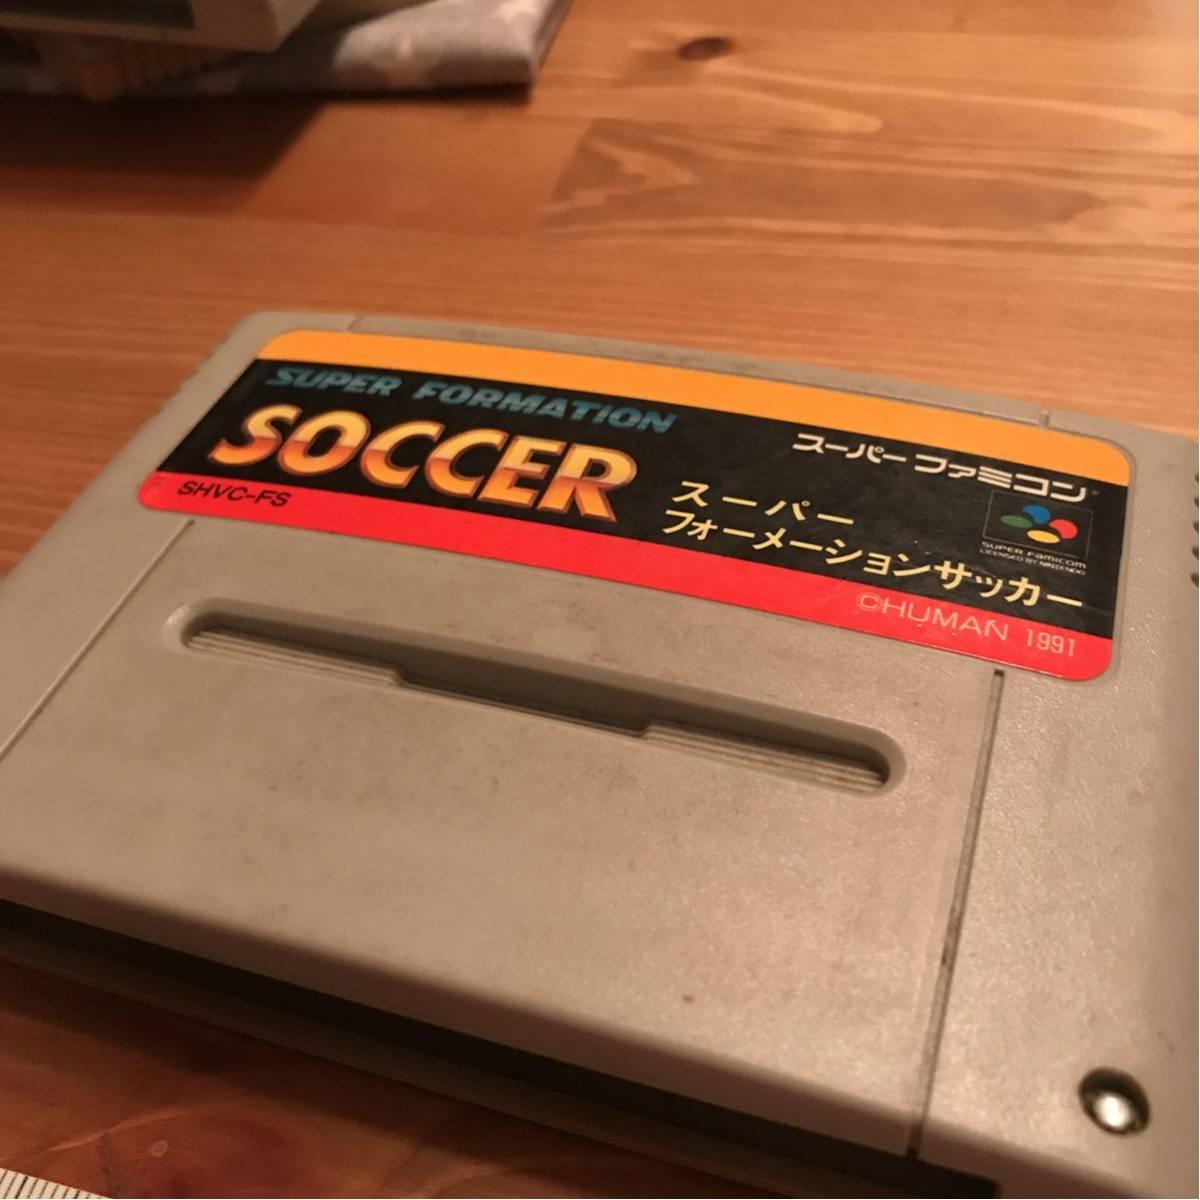 スーパーファミコン用ソフト スーパーフォーメーションサッカー 中古品